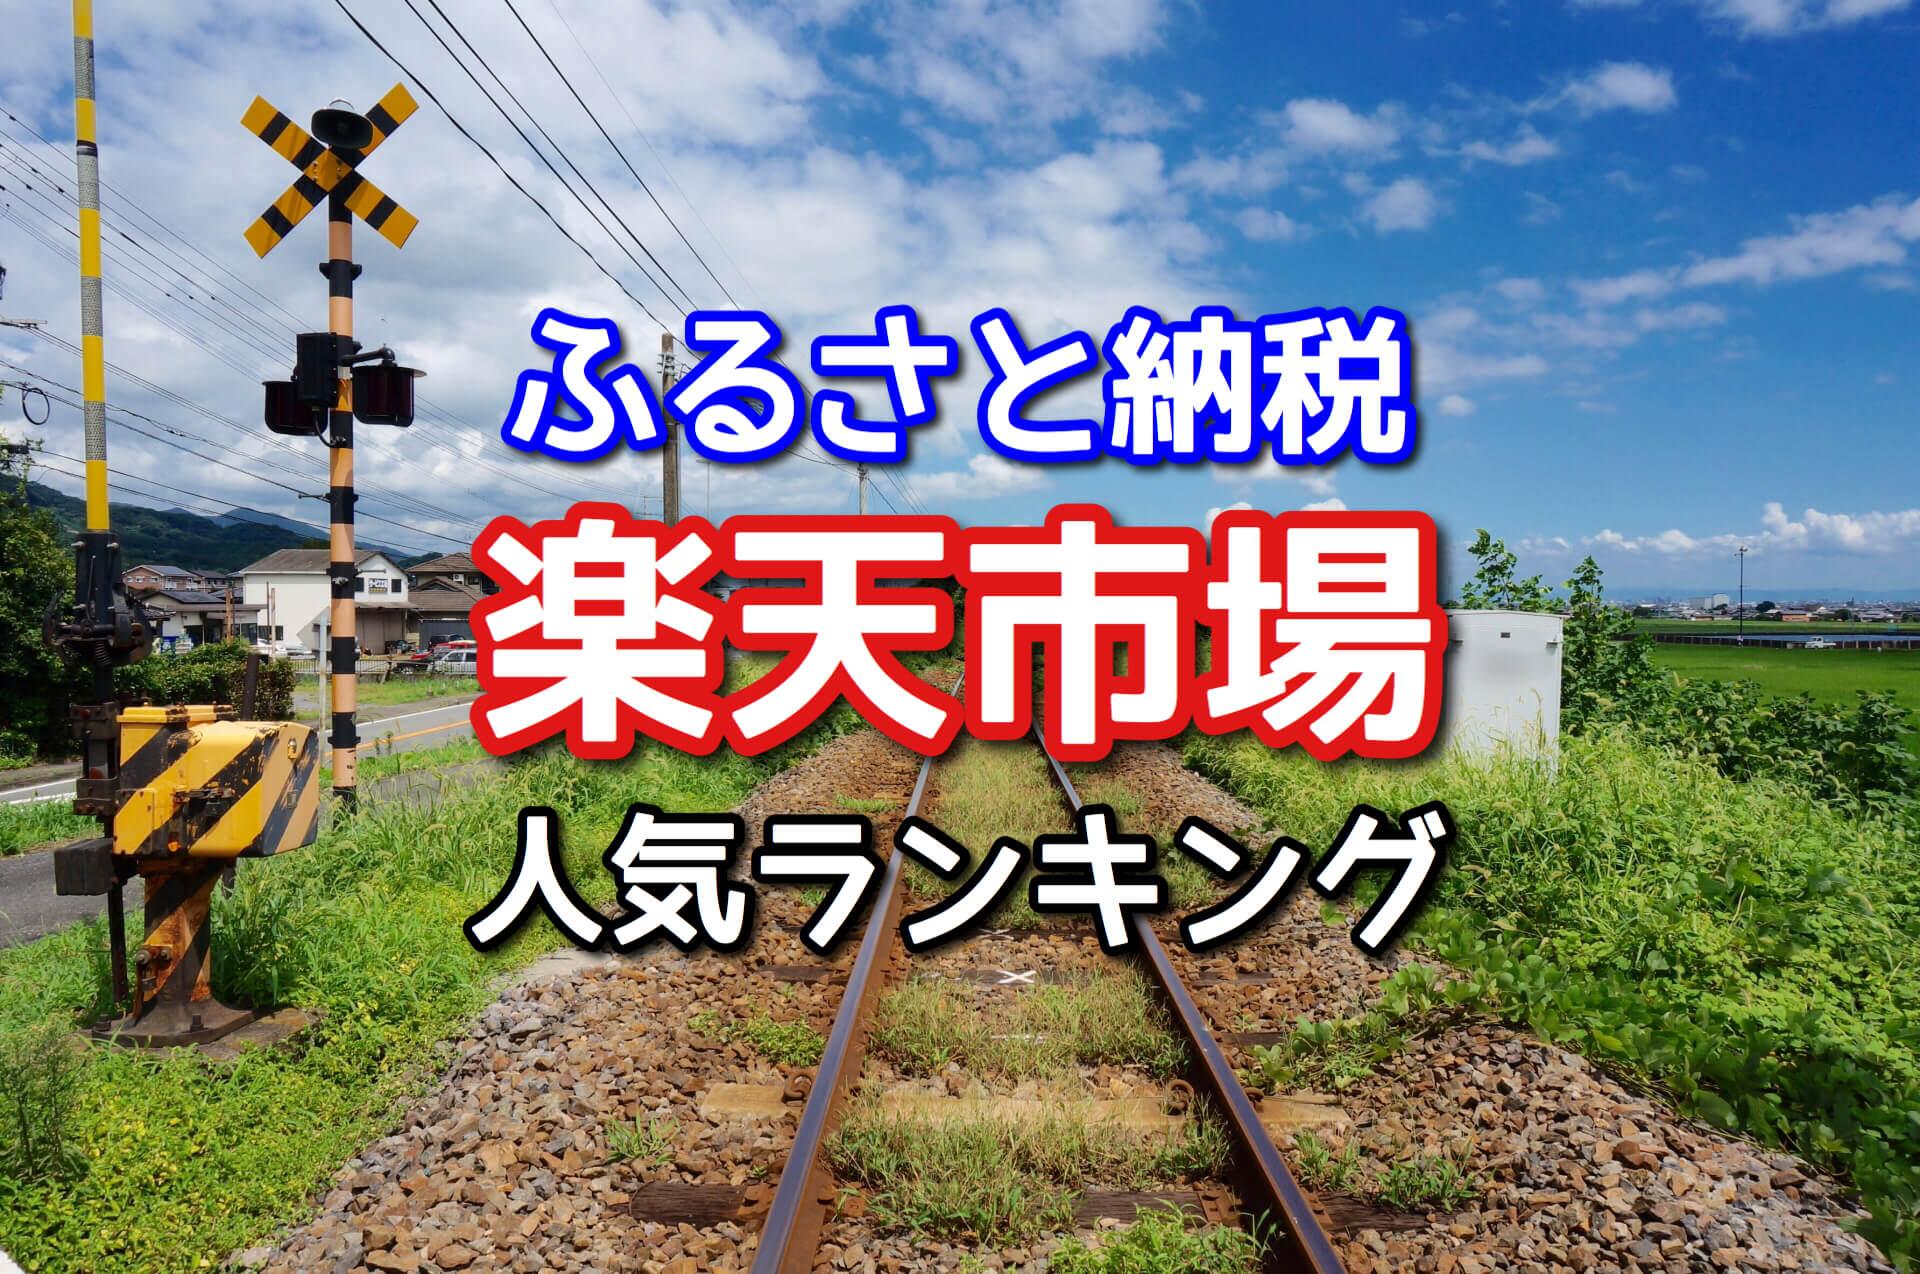 【ふるさと納税】楽天人気ランキング2018!7ジャンル各TOP5発表!